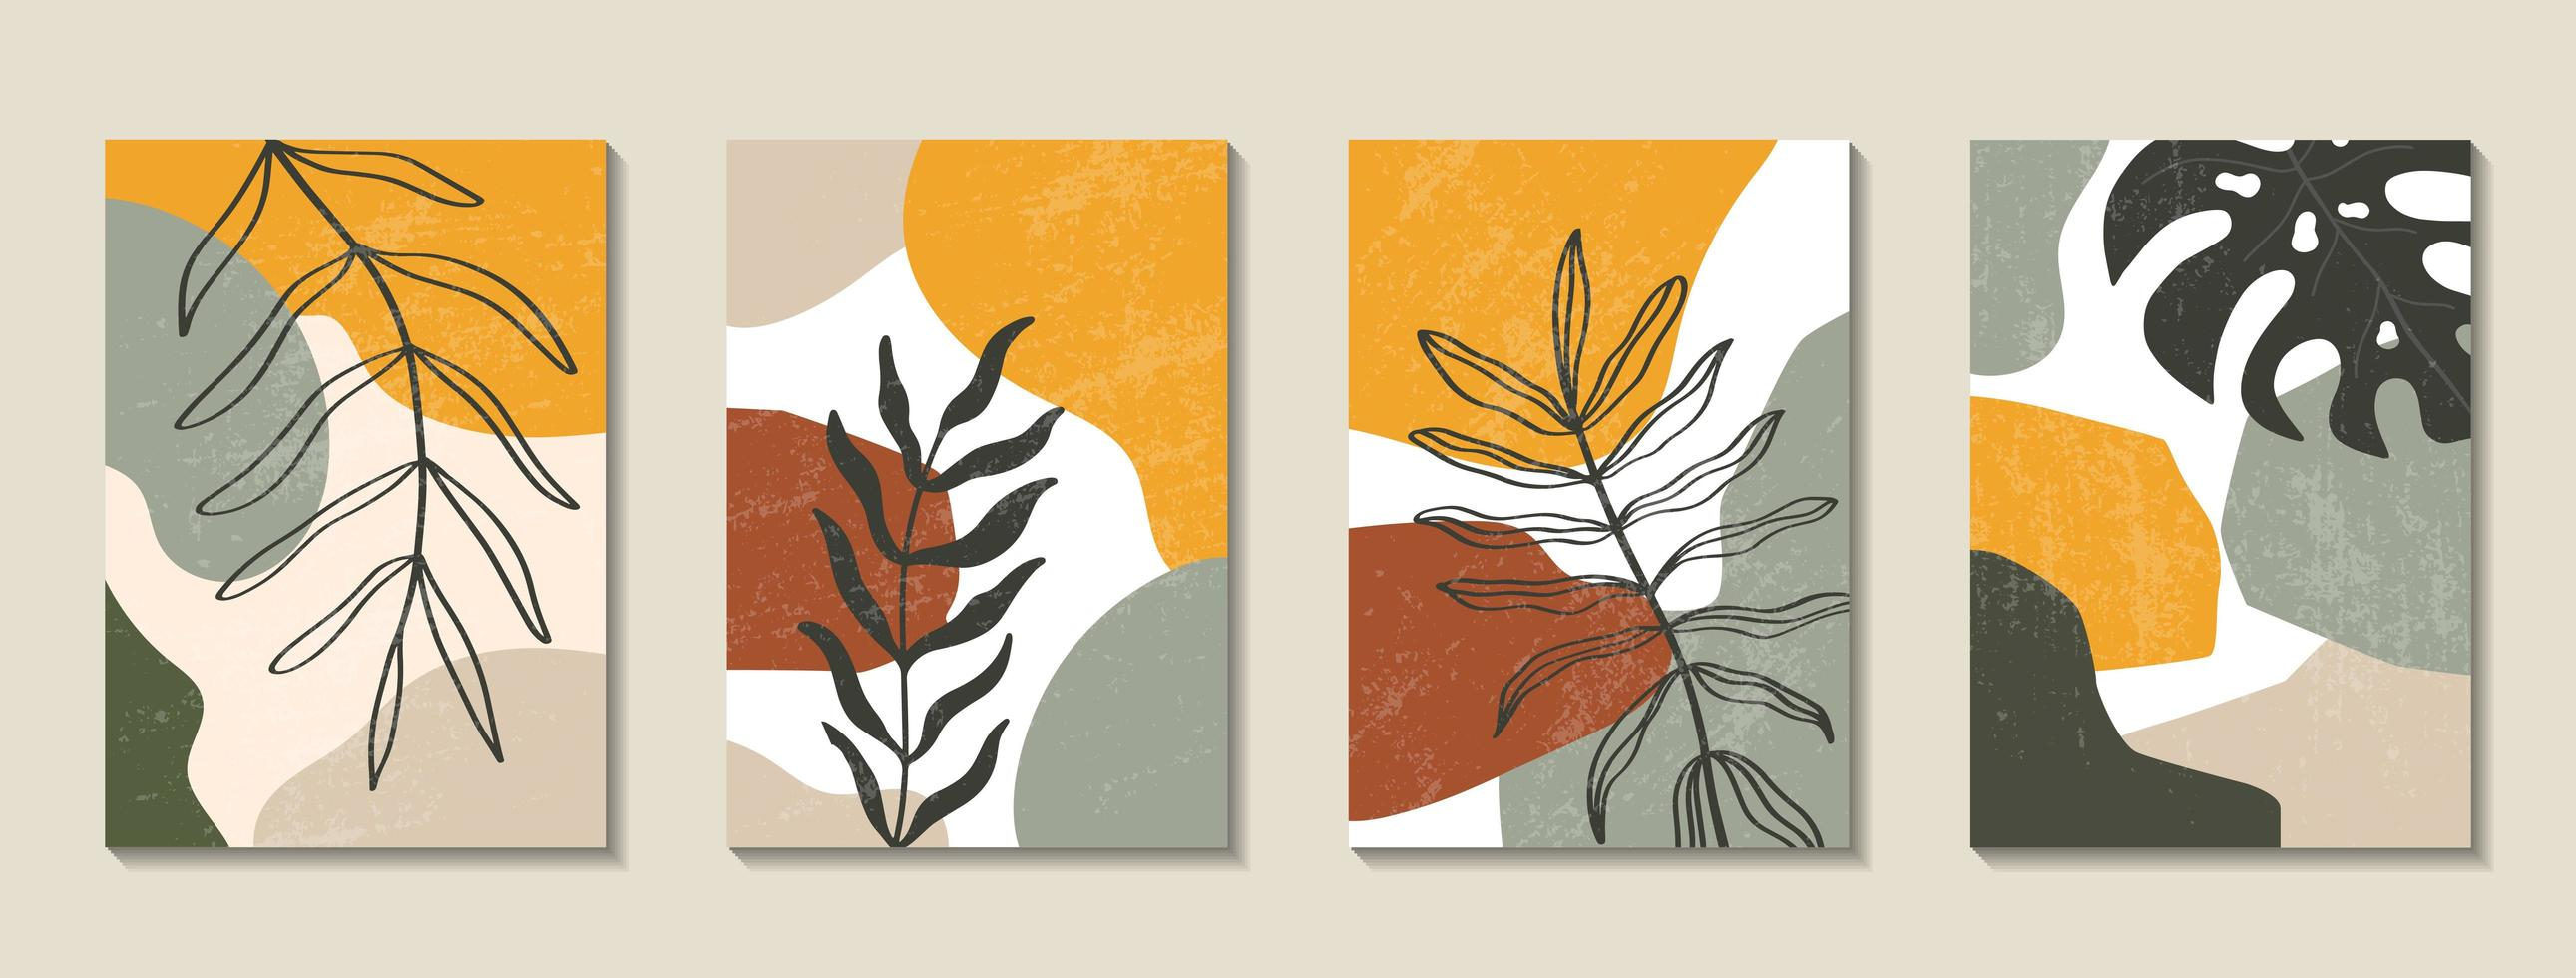 ensemble d'affiches avec des éléments de feuilles tropicales et de formes abstraites vecteur